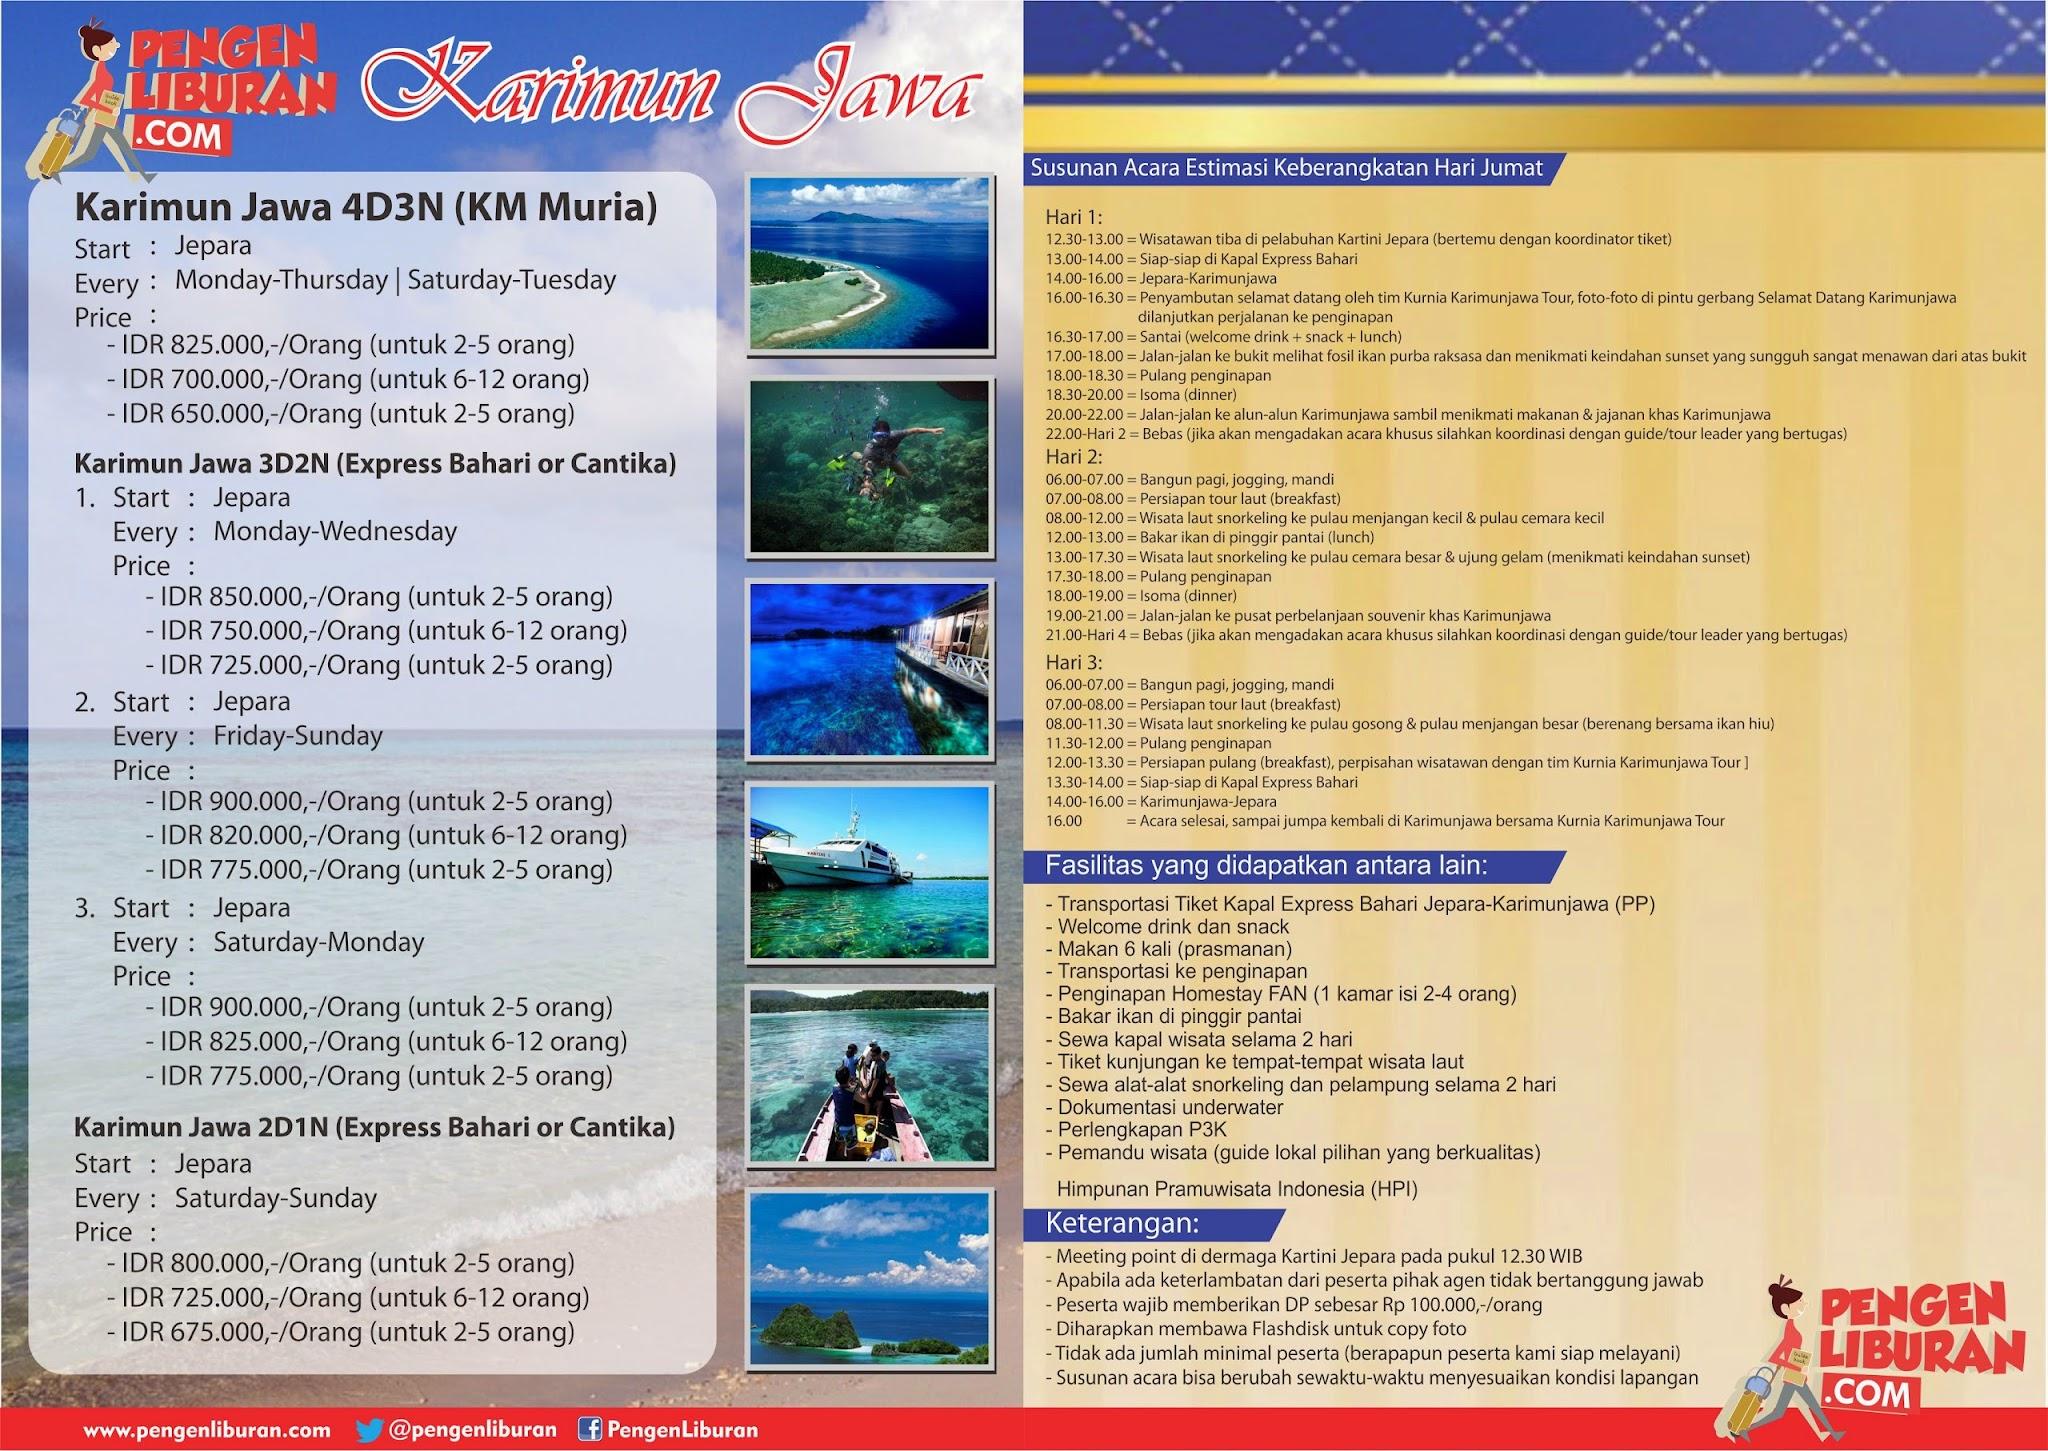 paket wisata murah ke luar negeri